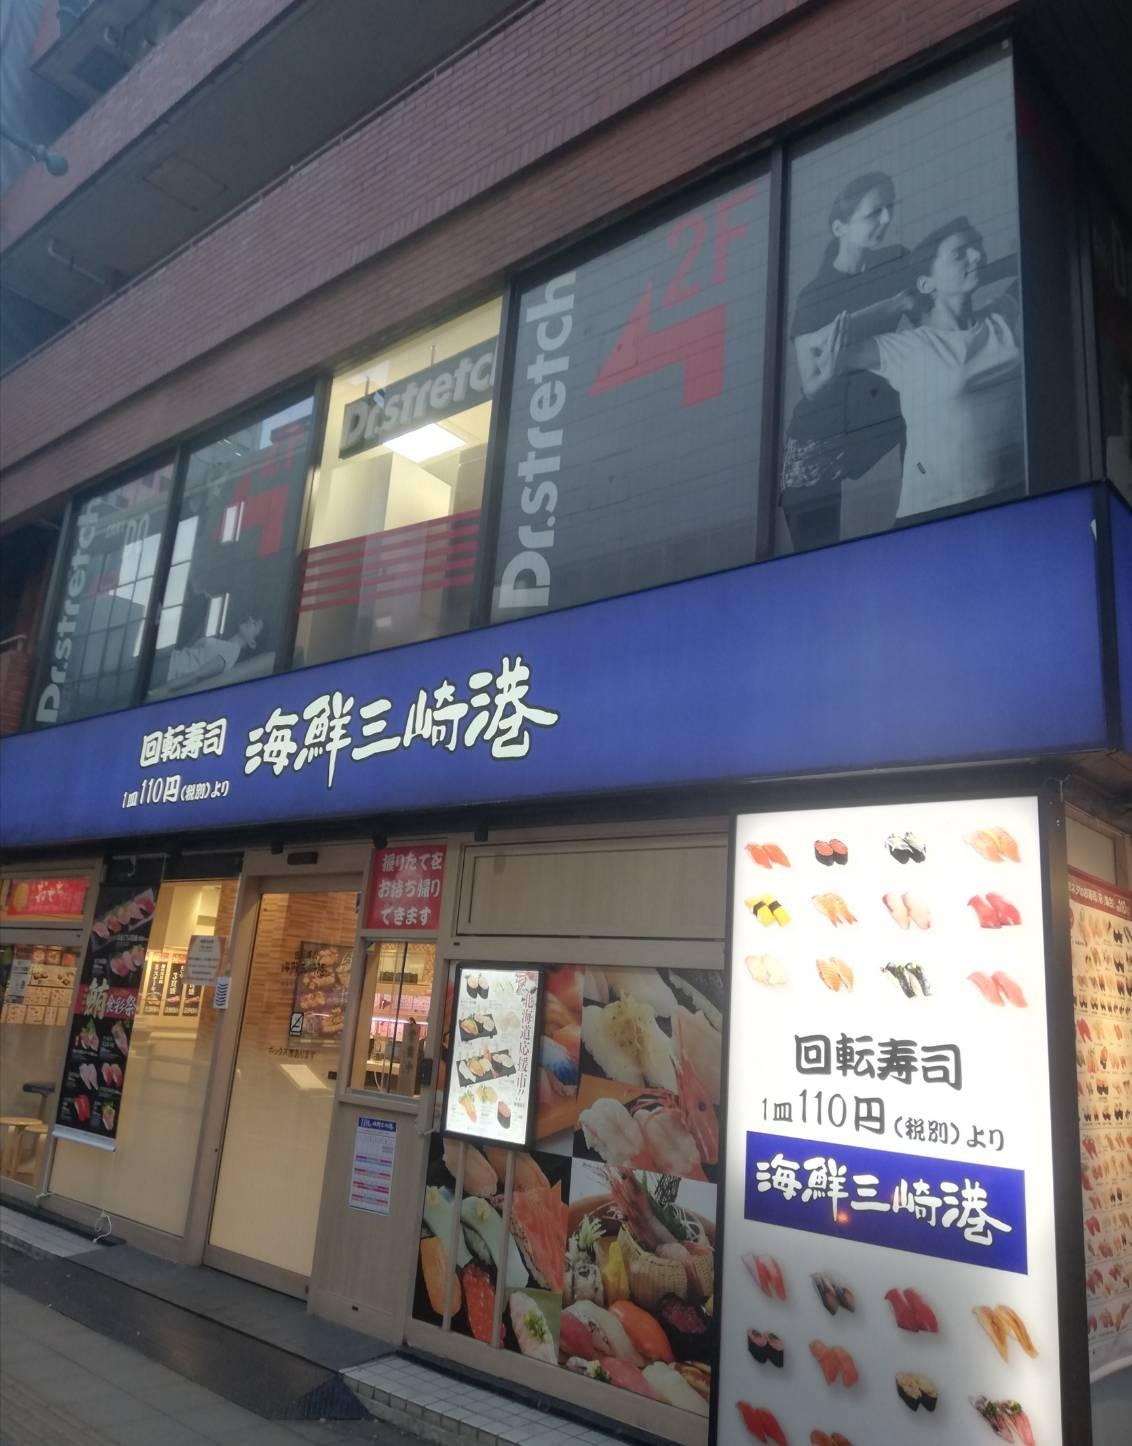 ドクターストレッチ松戸店オープン